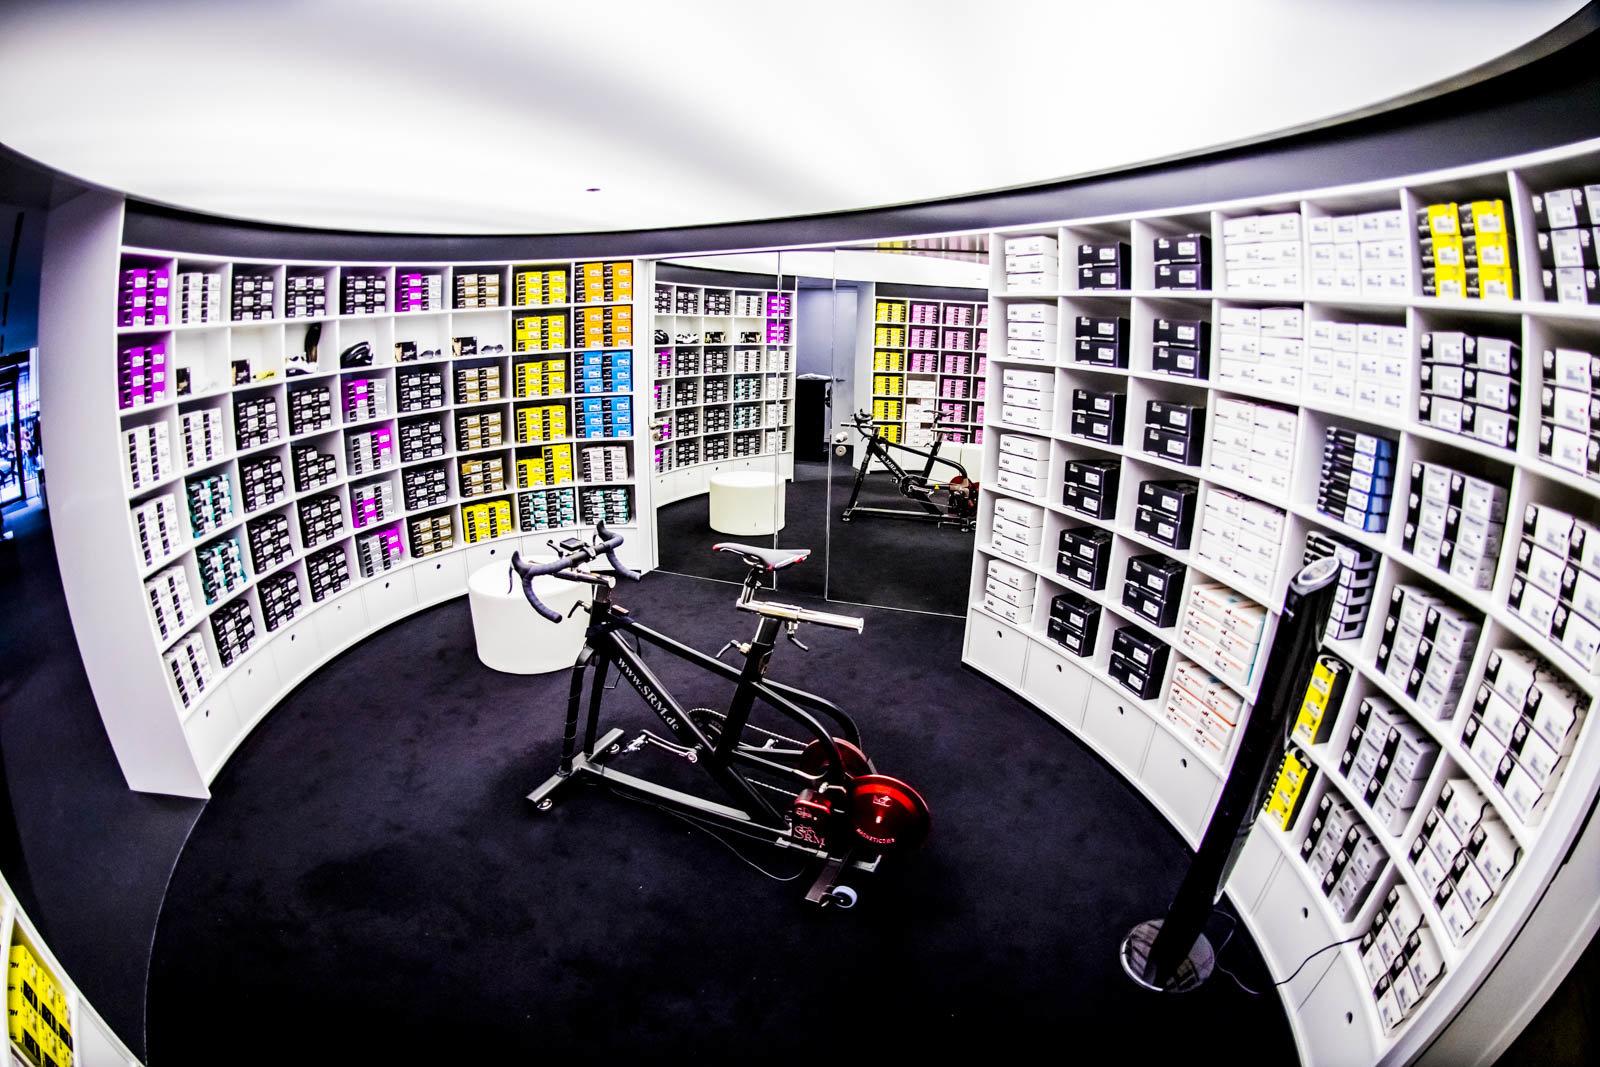 ASSOS fit room